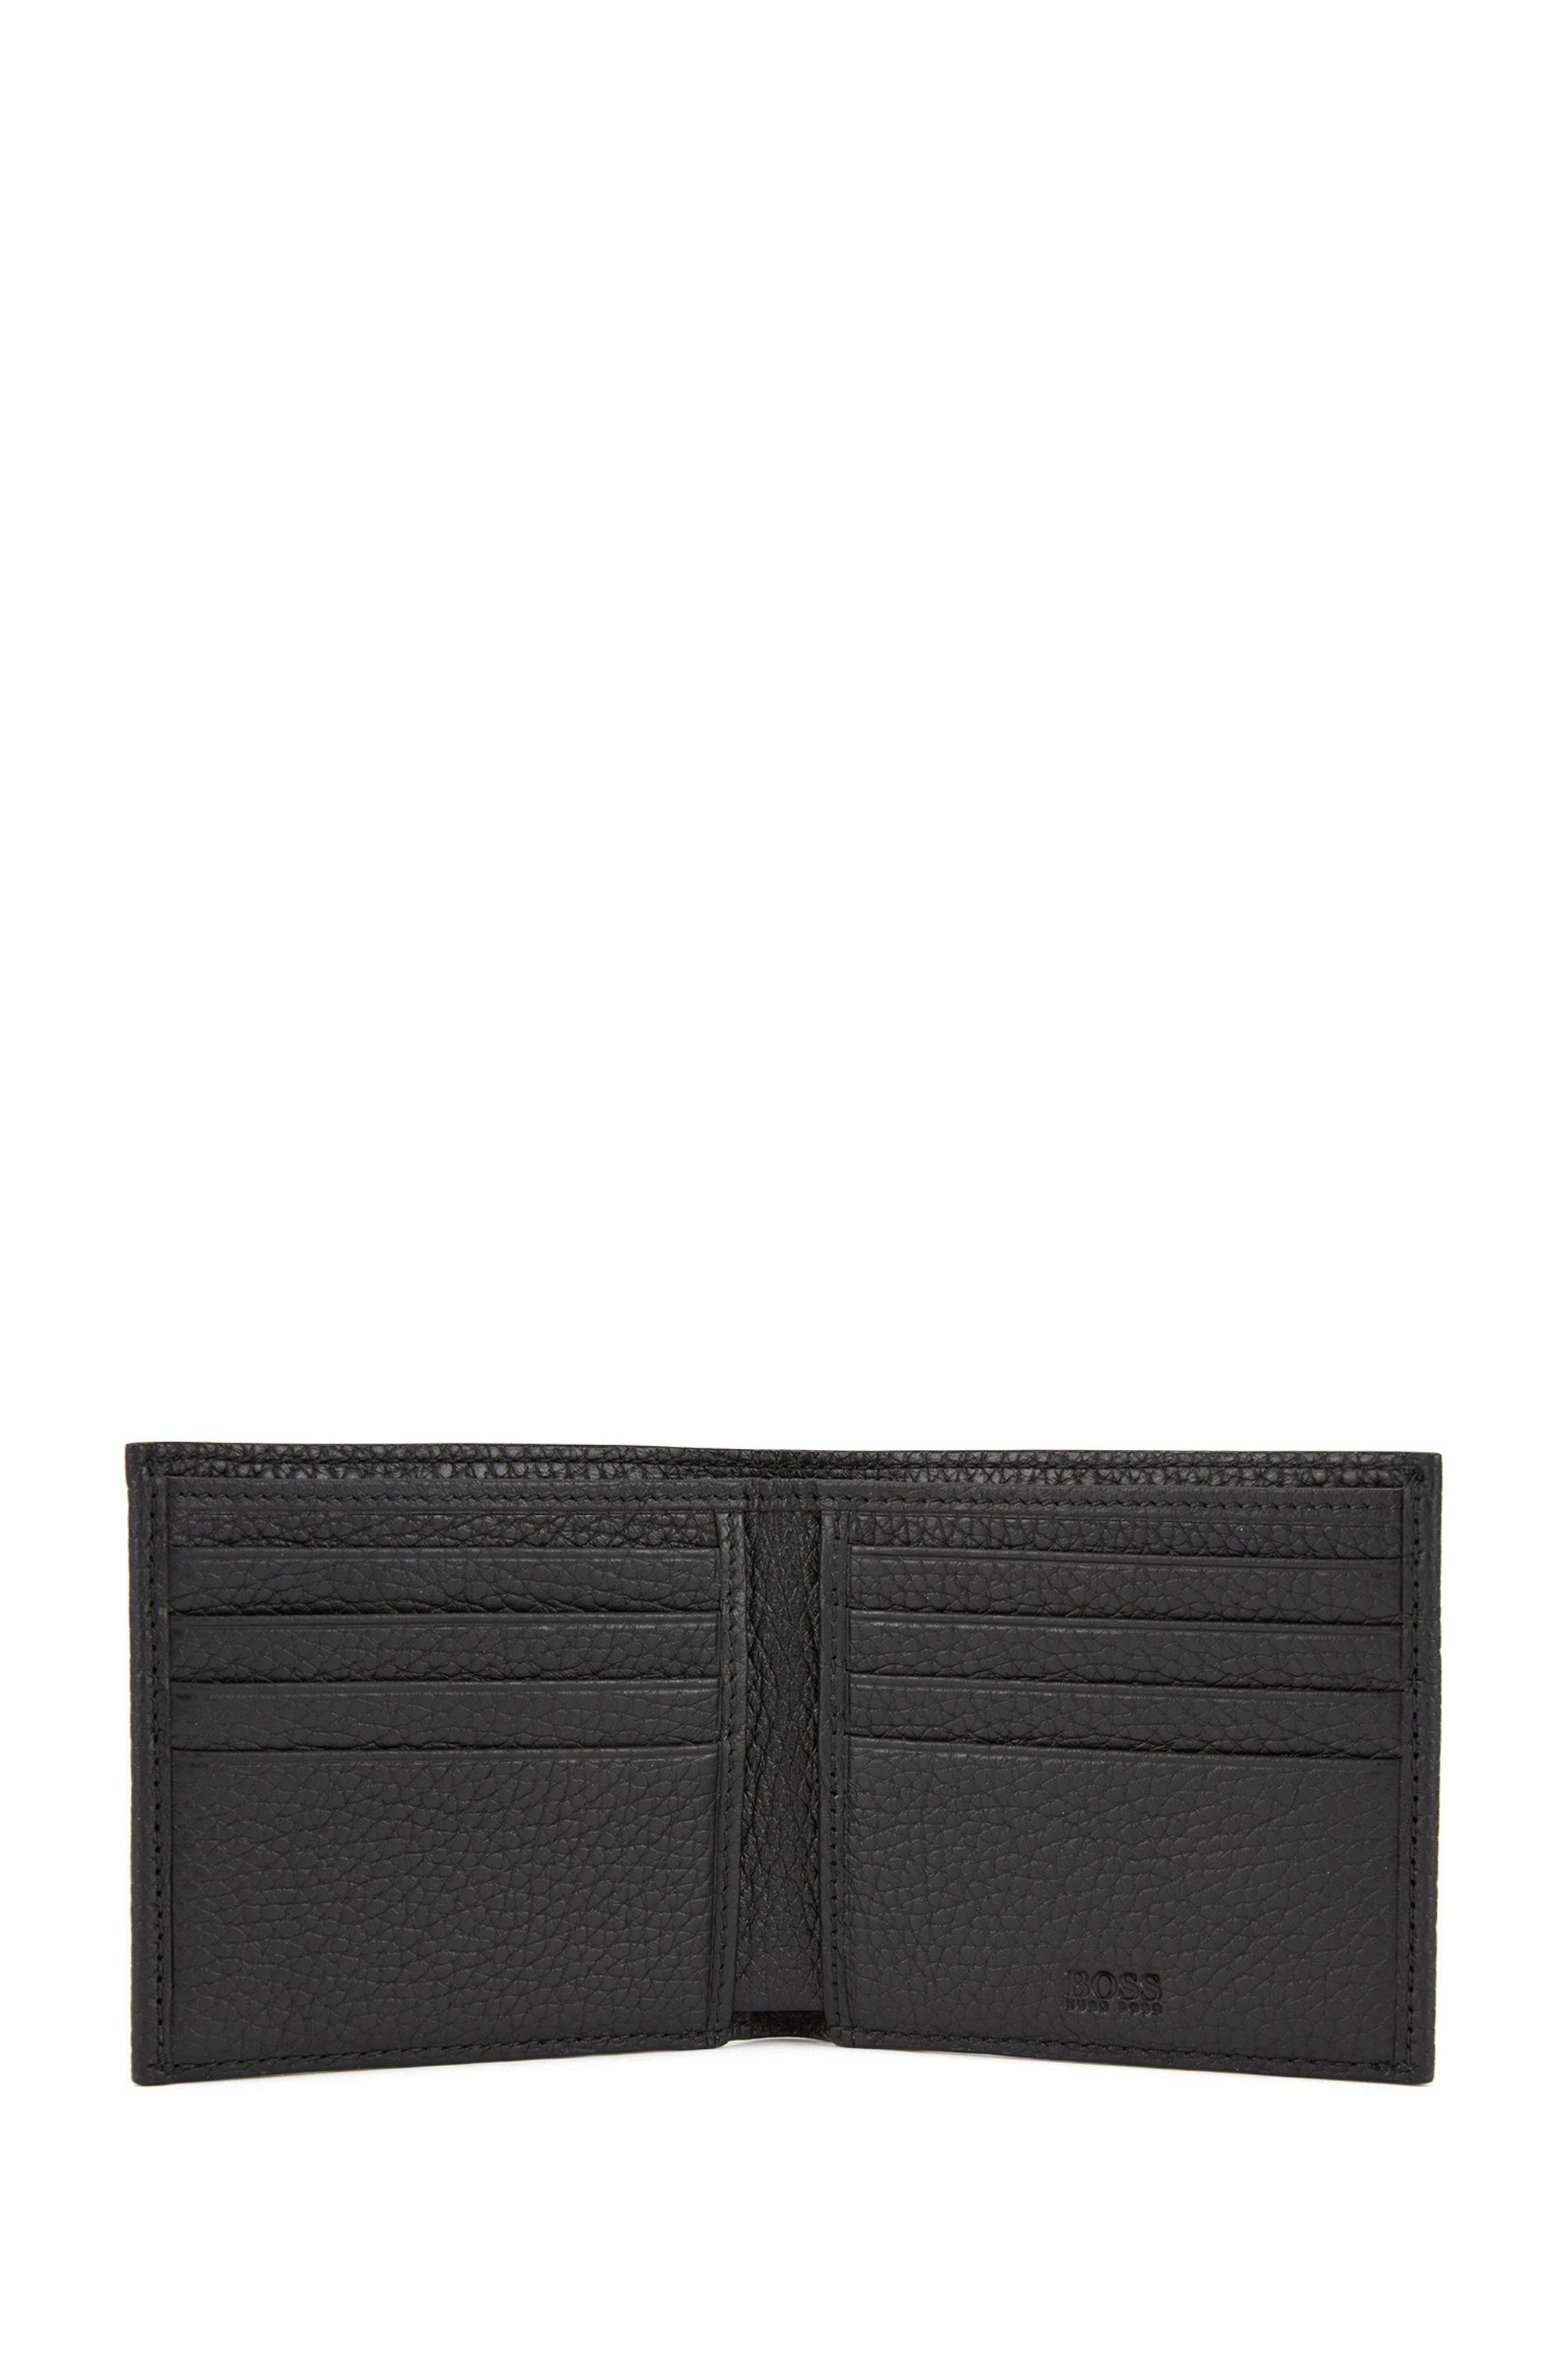 Eight-card billfold wallet in grained Italian leather